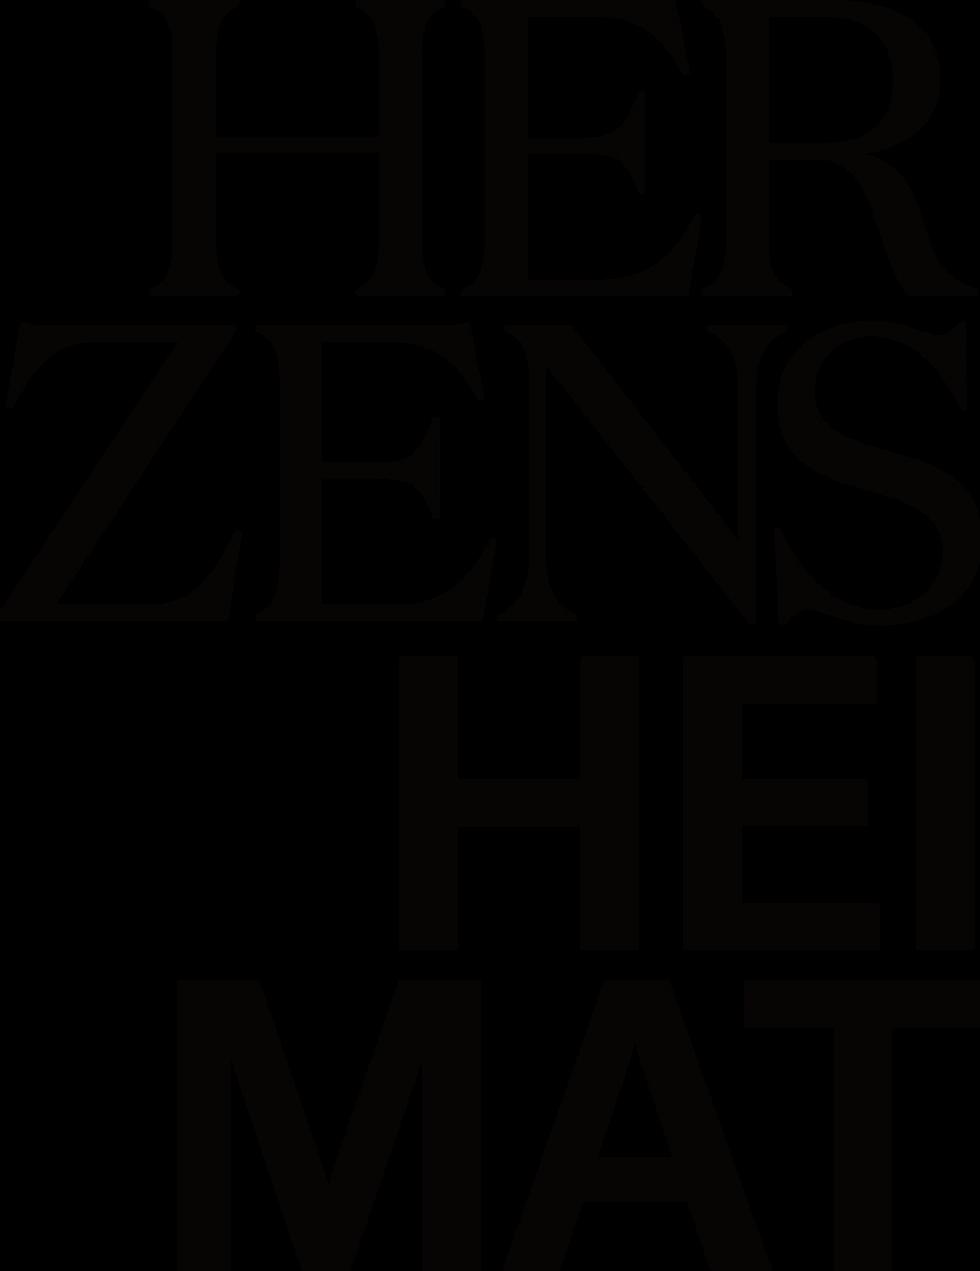 Das Logo der Ausstellung Herzensheimat mit schwarzen Buchstaben.